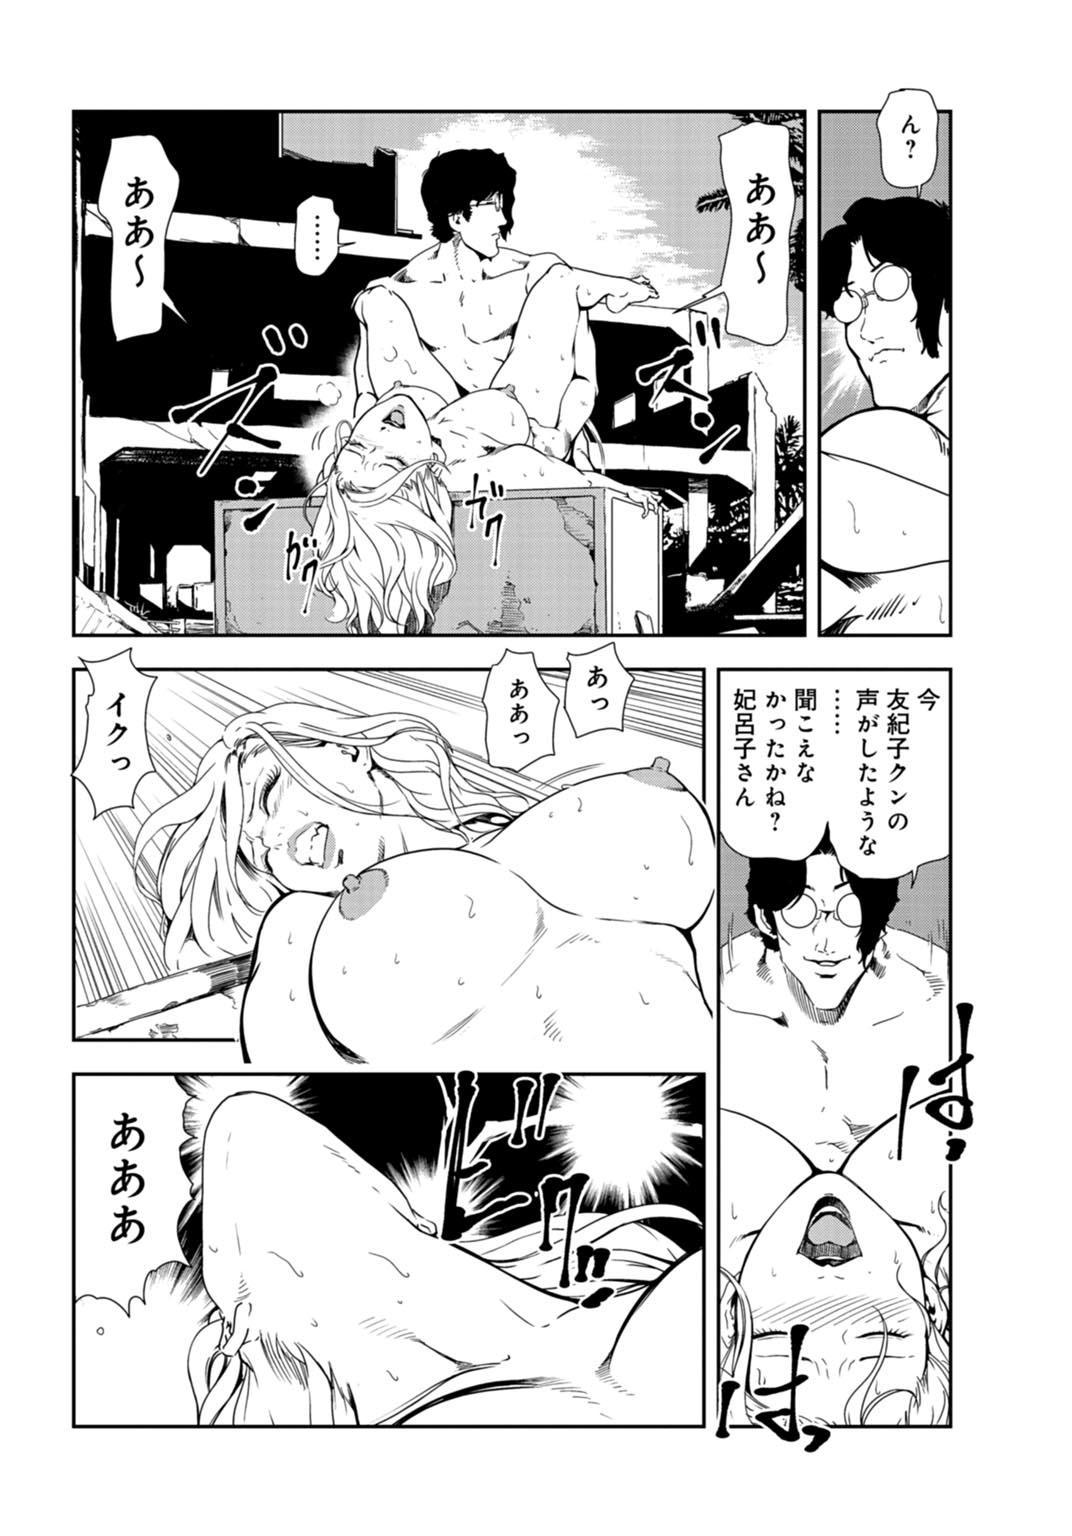 Nikuhisyo Yukiko 27 30